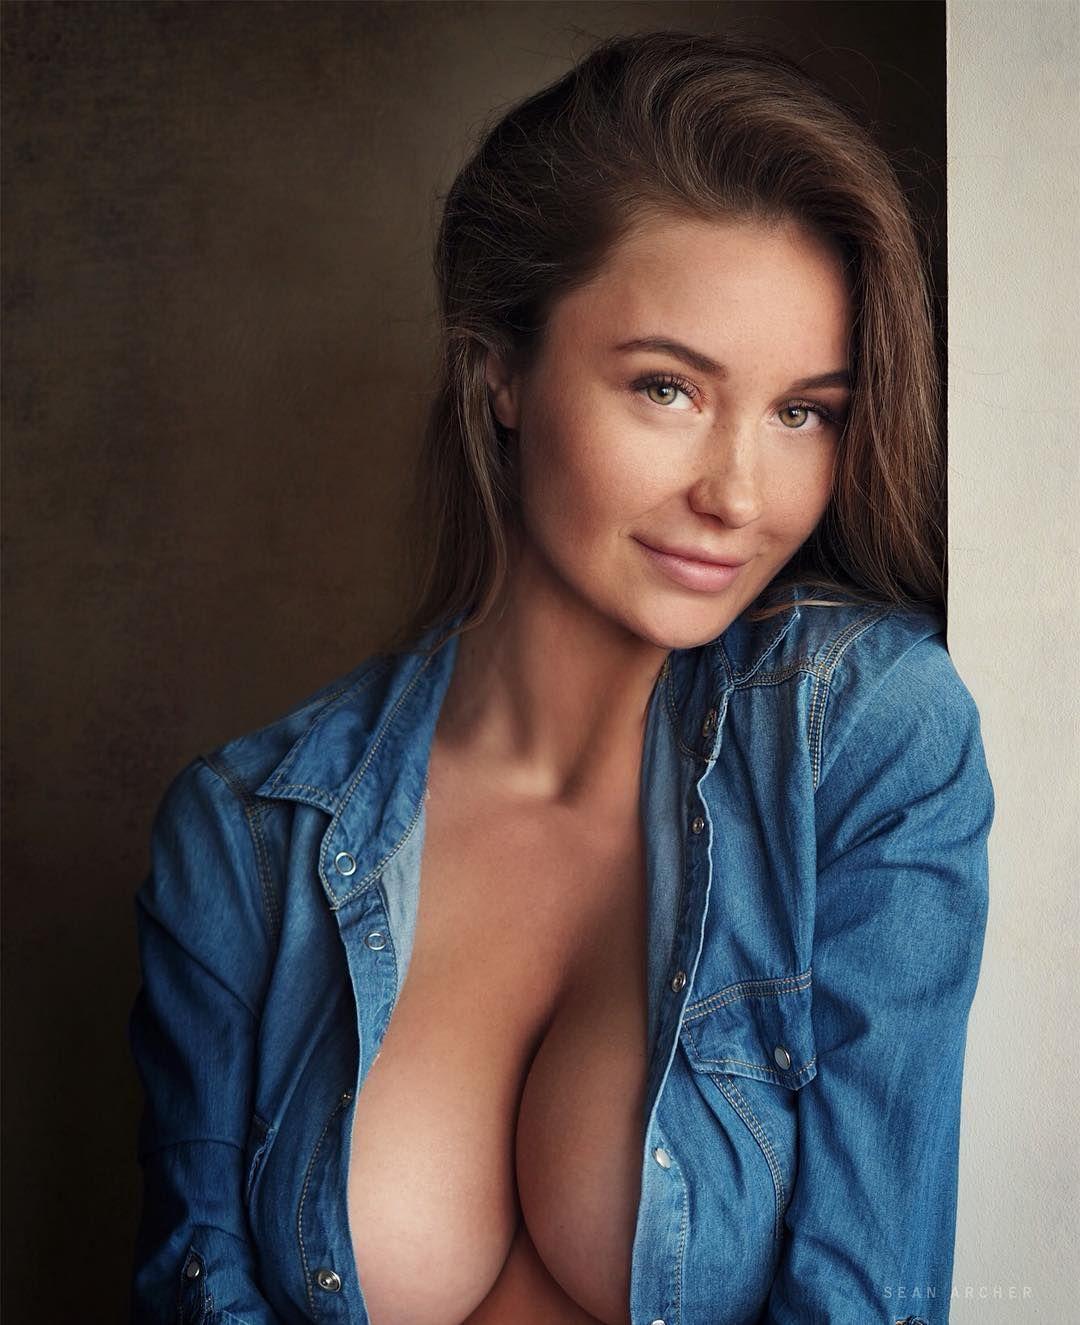 Профессиональные фото красивых девушек с большой грудью 2